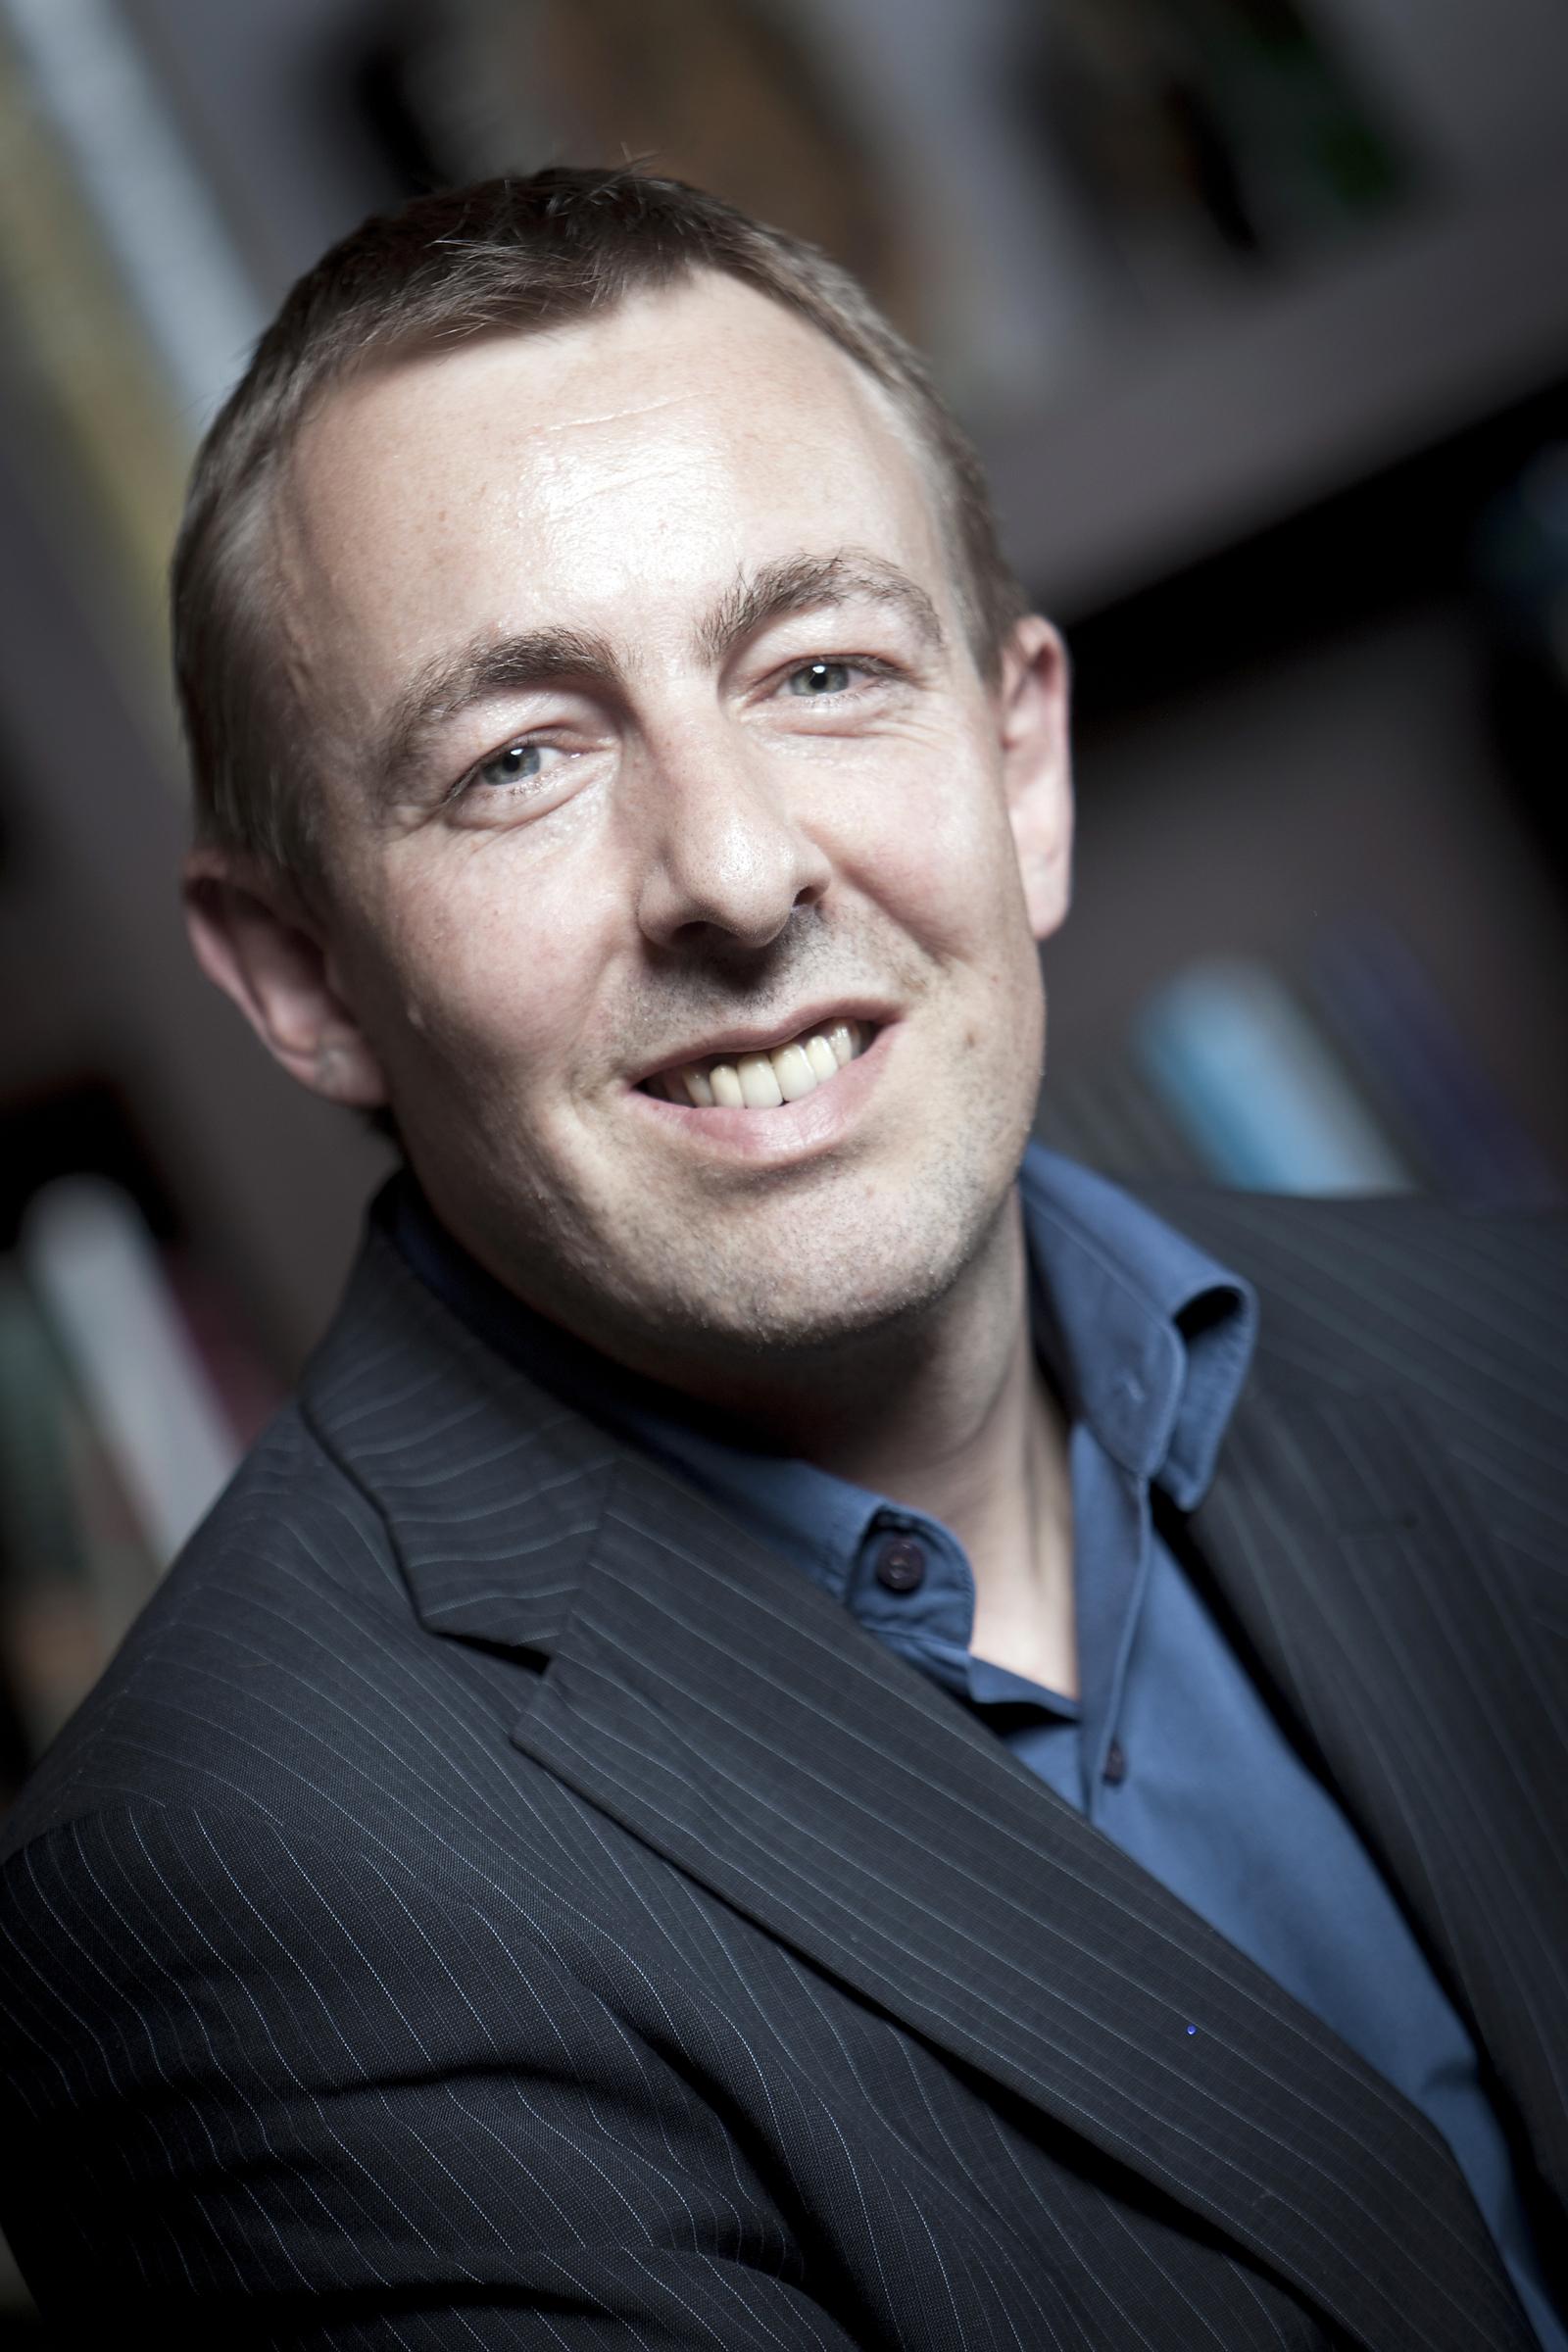 Steven Steenhaut, Senior Director, Global Demand Center, Nuance Communications